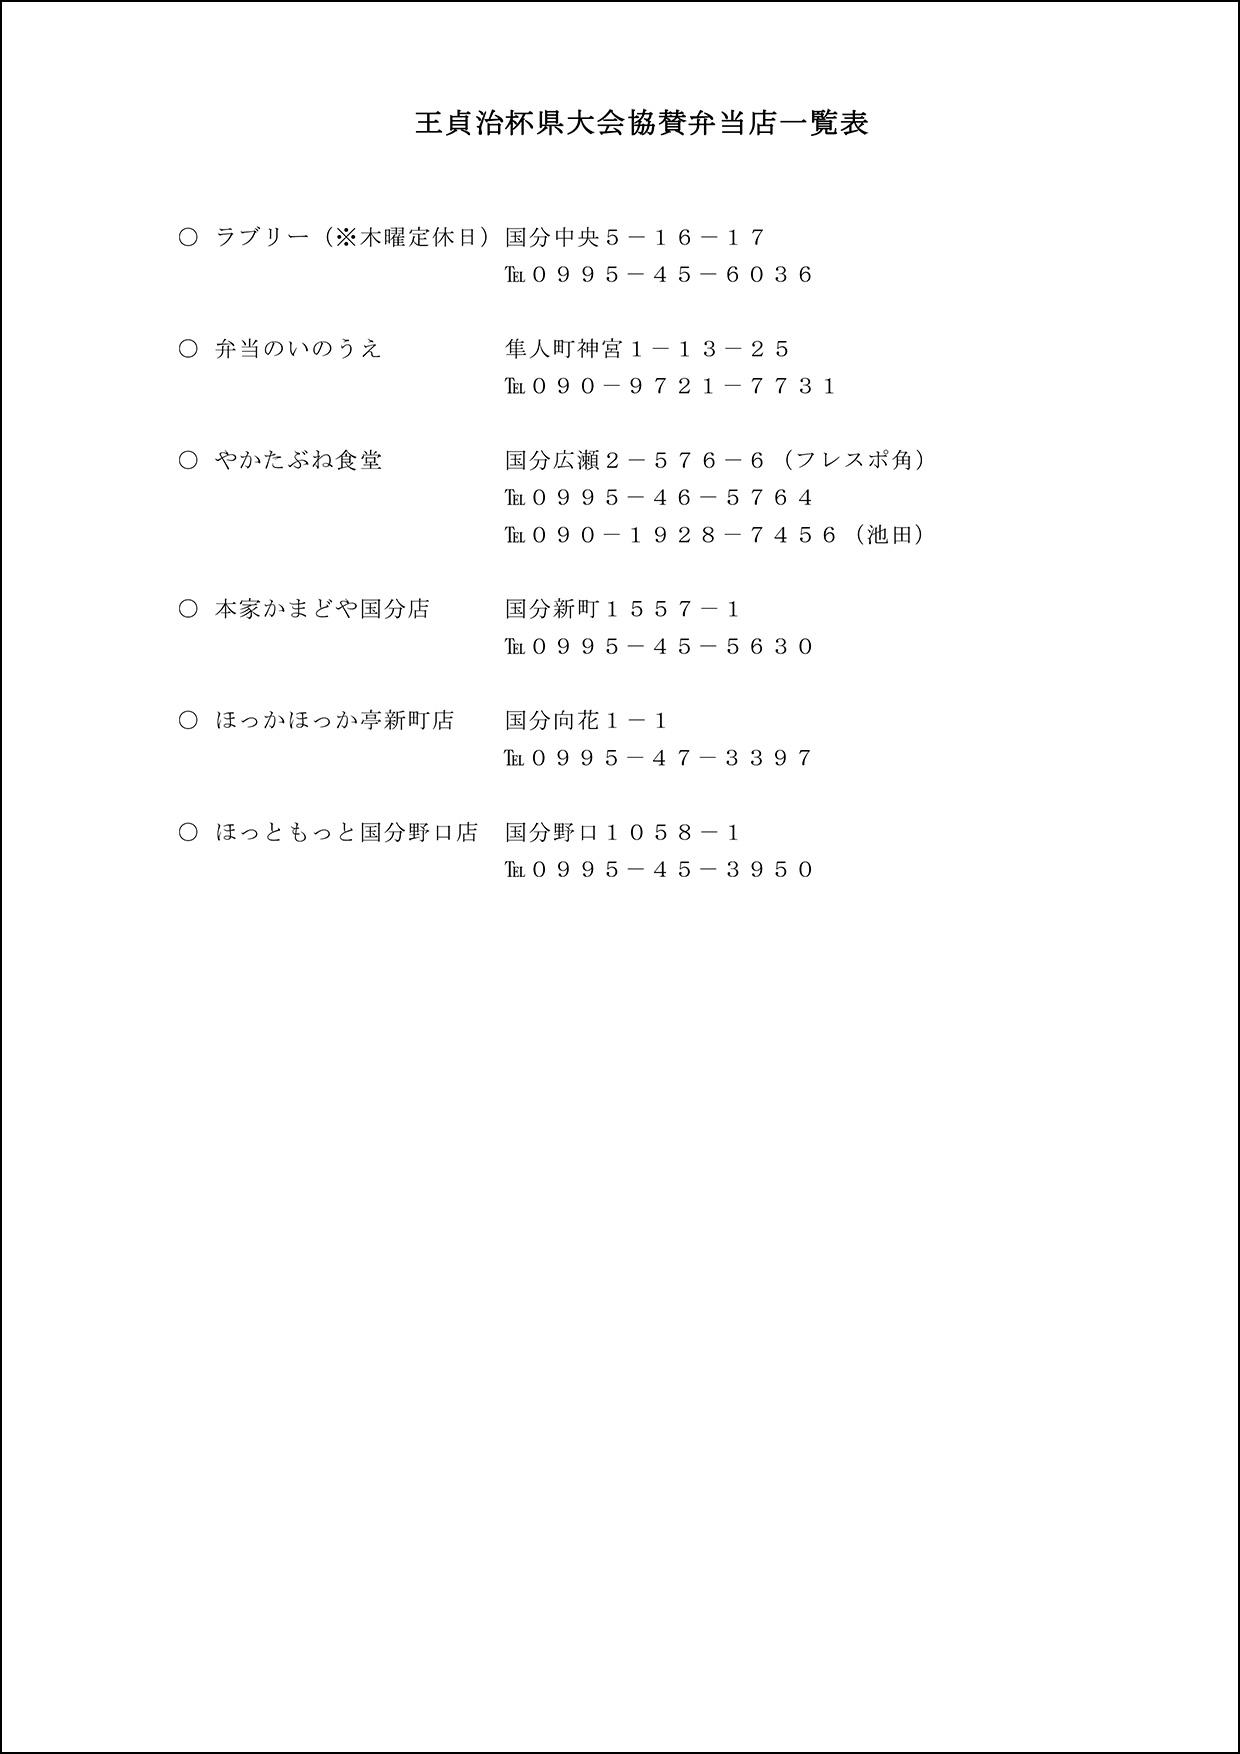 王貞治杯県大会協賛弁当店一覧表